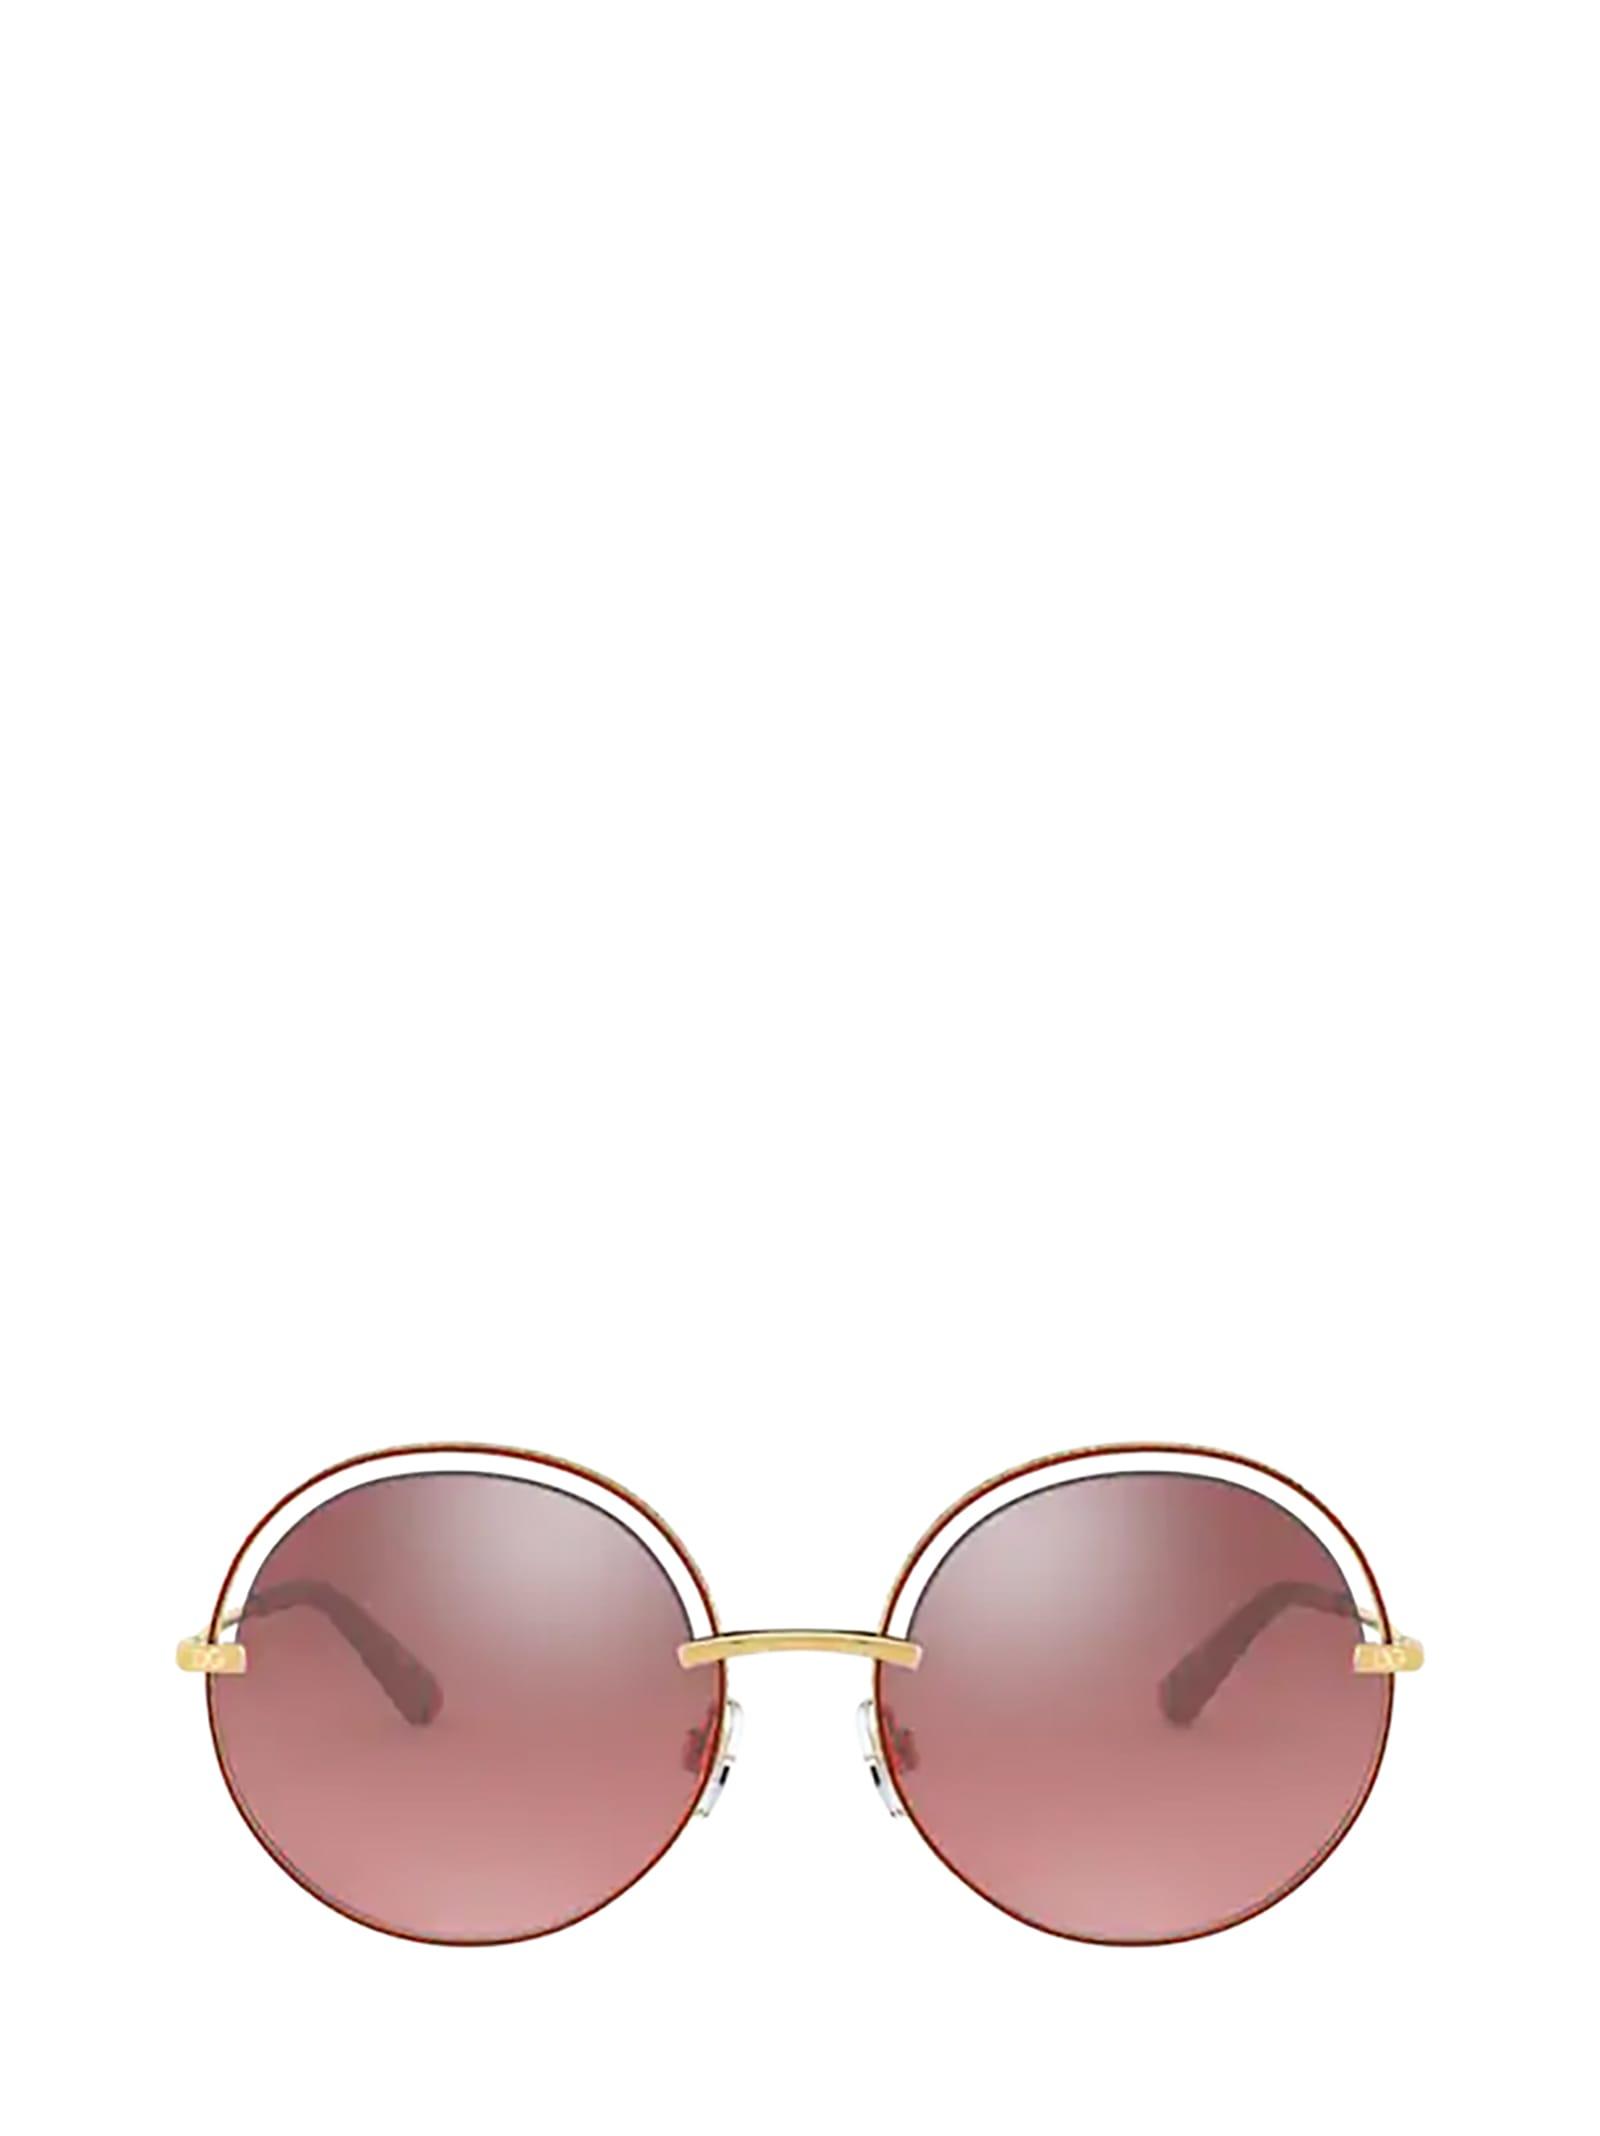 Dolce & Gabbana Dolce & Gabbana Dg2262 Gold / Pink Sunglasses